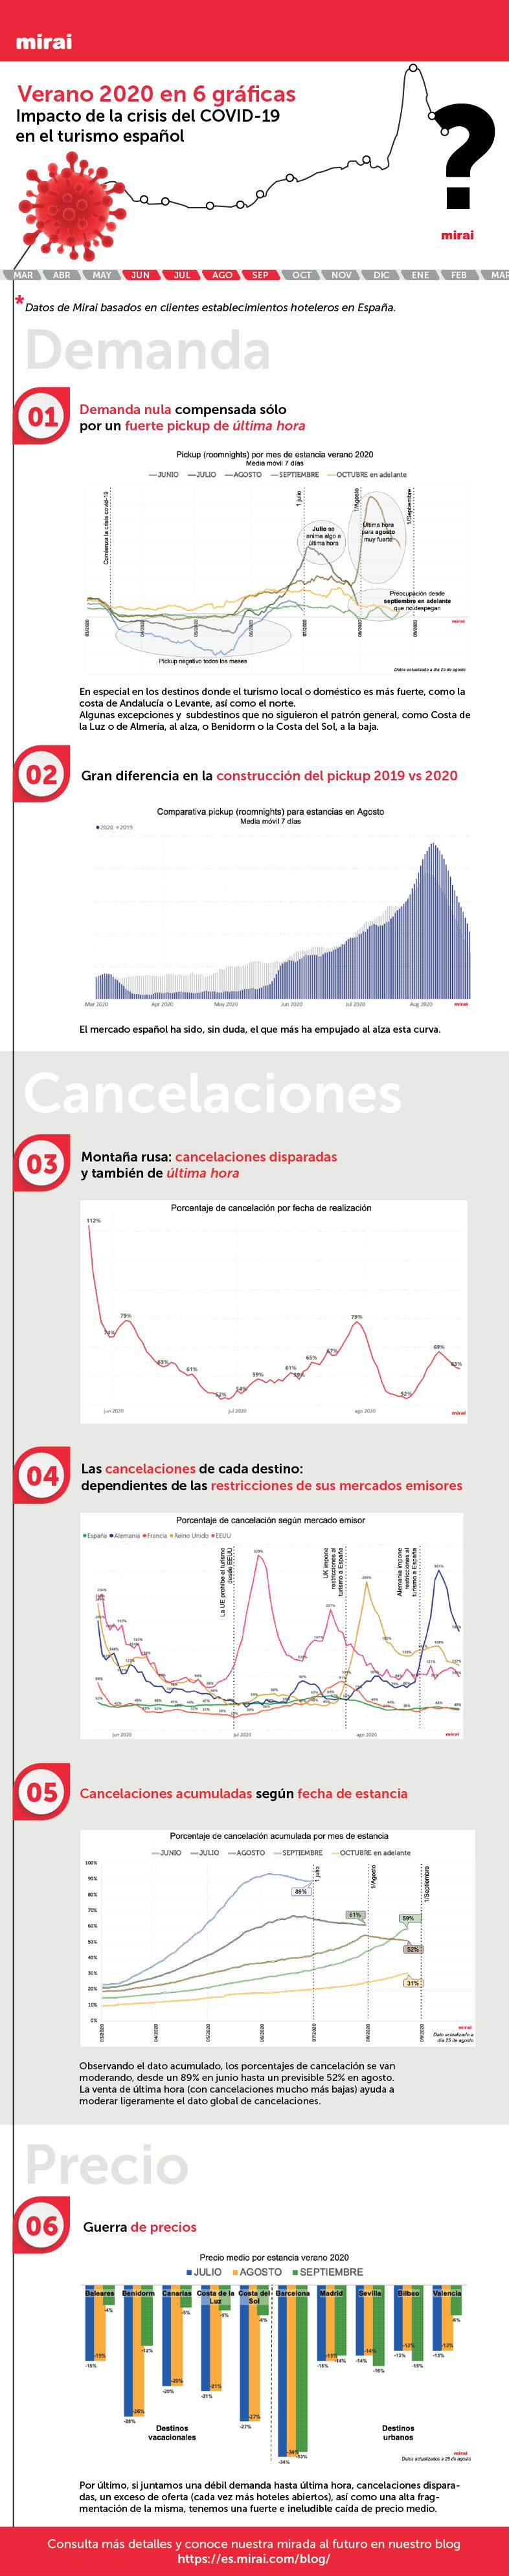 Impacto coronavirus turismo España por Mirai